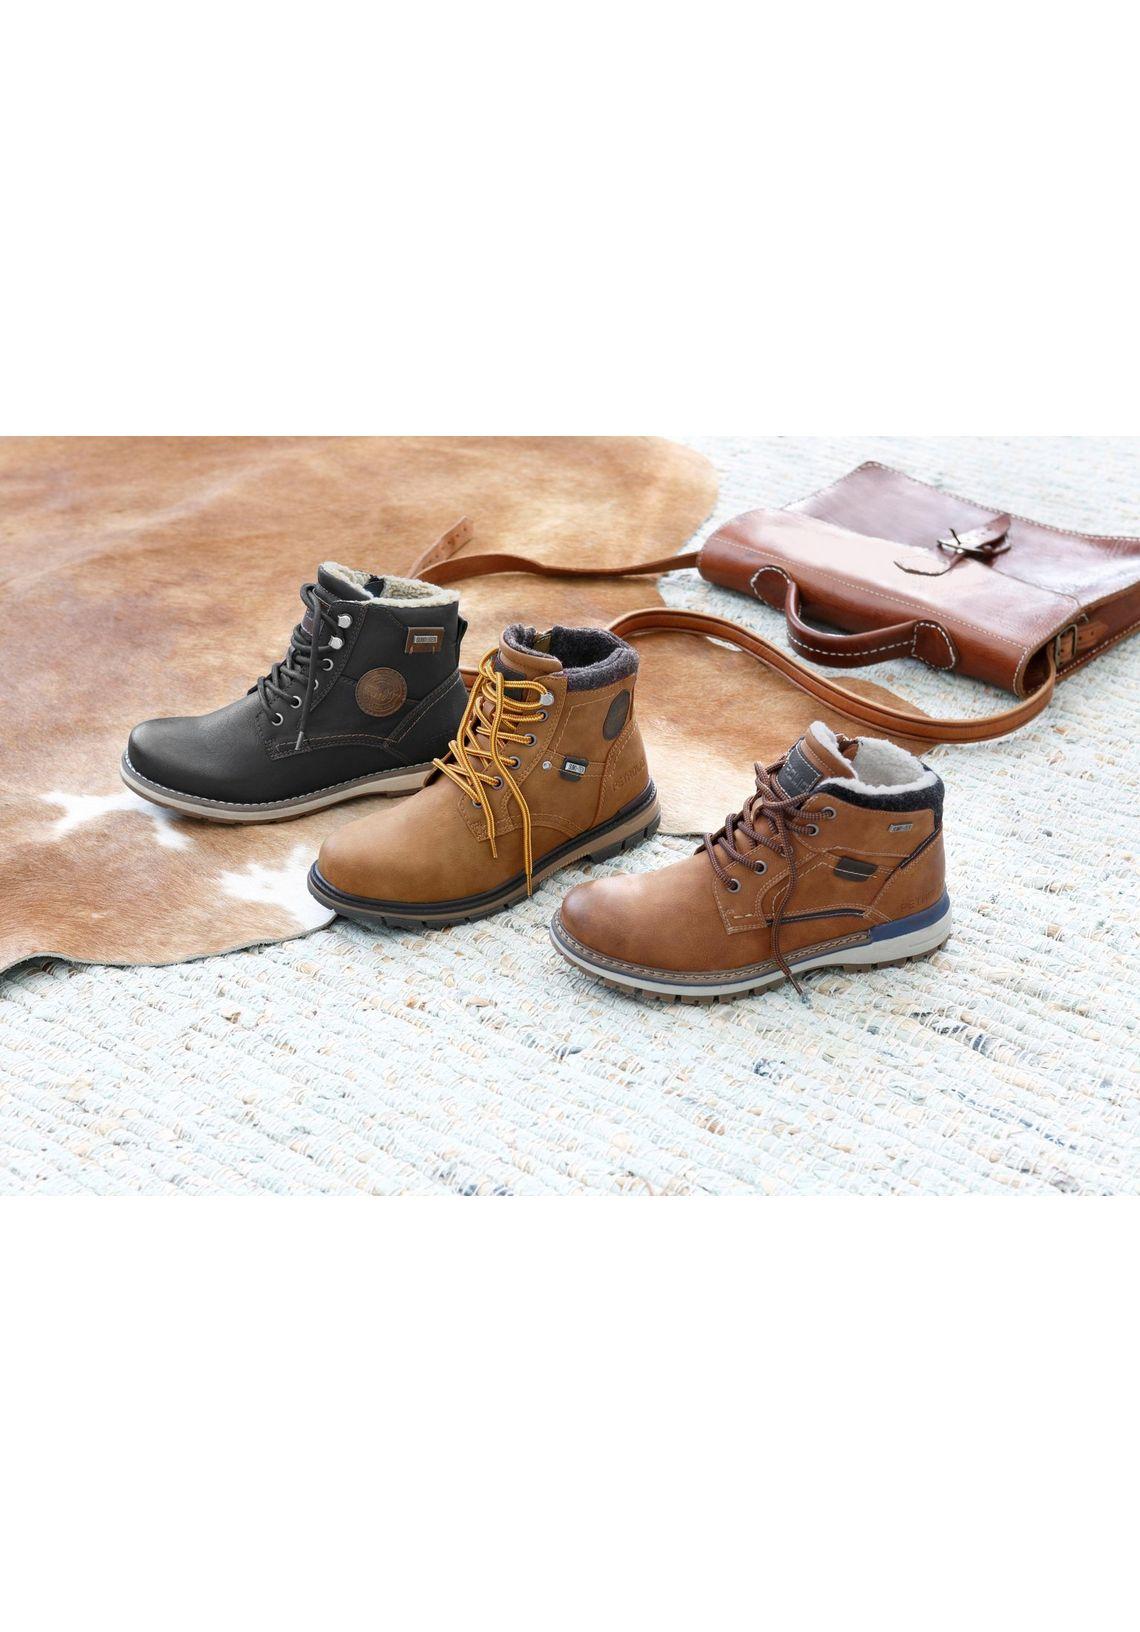 PETROLIO hoge veterschoenen snel online gekocht  camelkleur